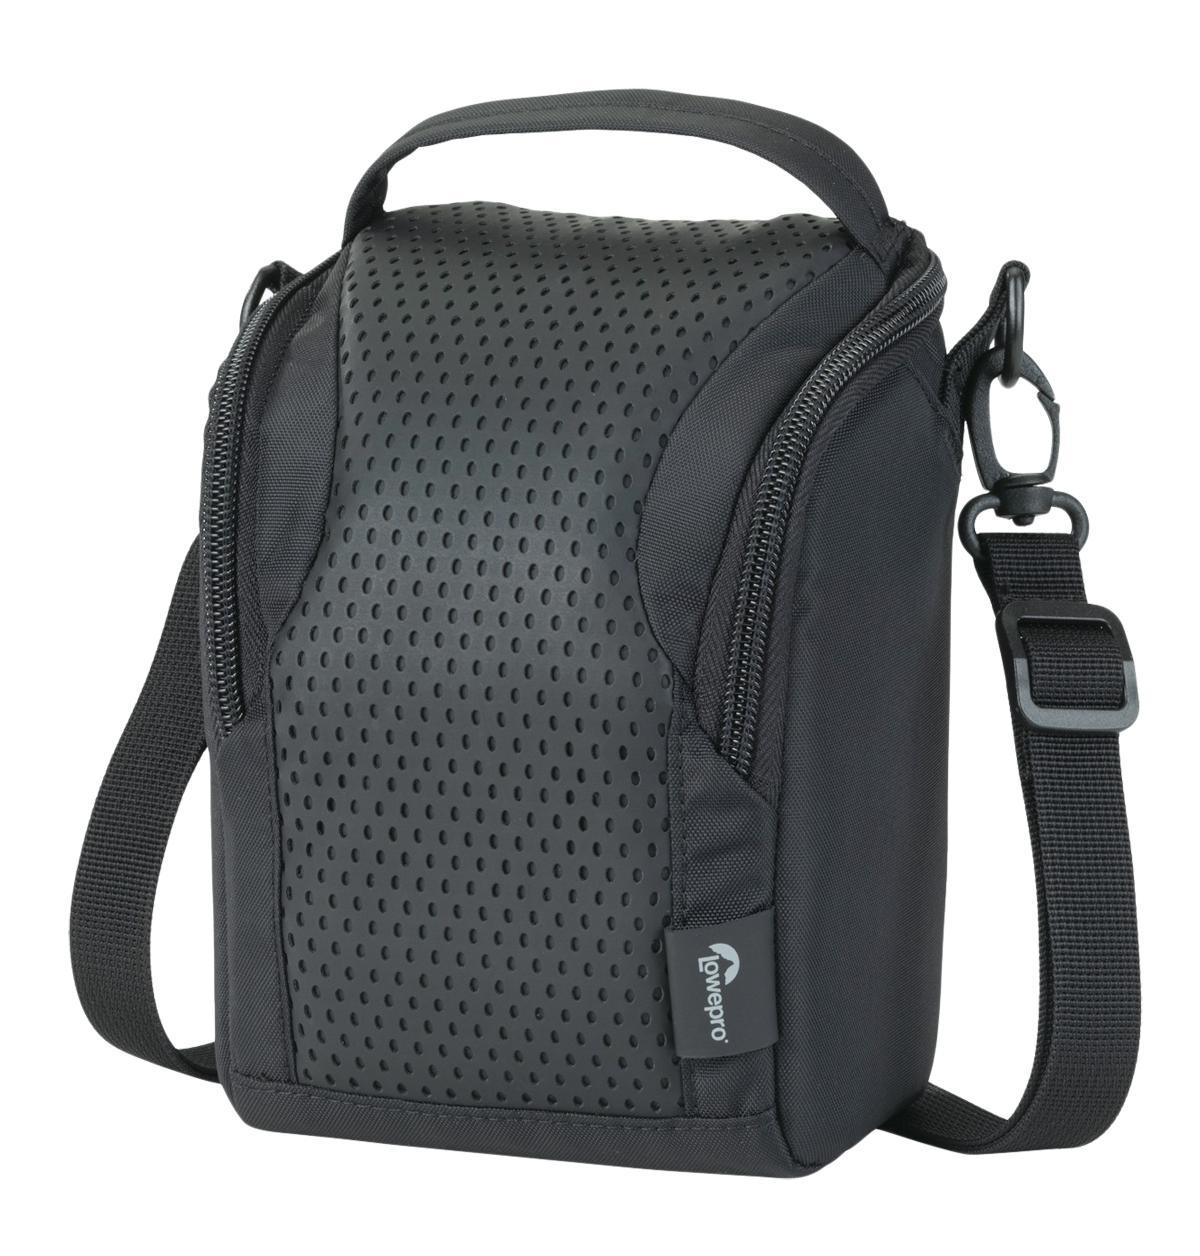 Lowepro Munich 100 черныйКомпактная сумка LowePro Munich 100 из прочного текстиля предназначена для переноски фотокамеры и сопутствующих гаджетов, таких как запасной аккумулятор, зарядное устройство, карты памяти. Сумка имеет одно внутреннее отделение и карман на молнии, можно но...<br>